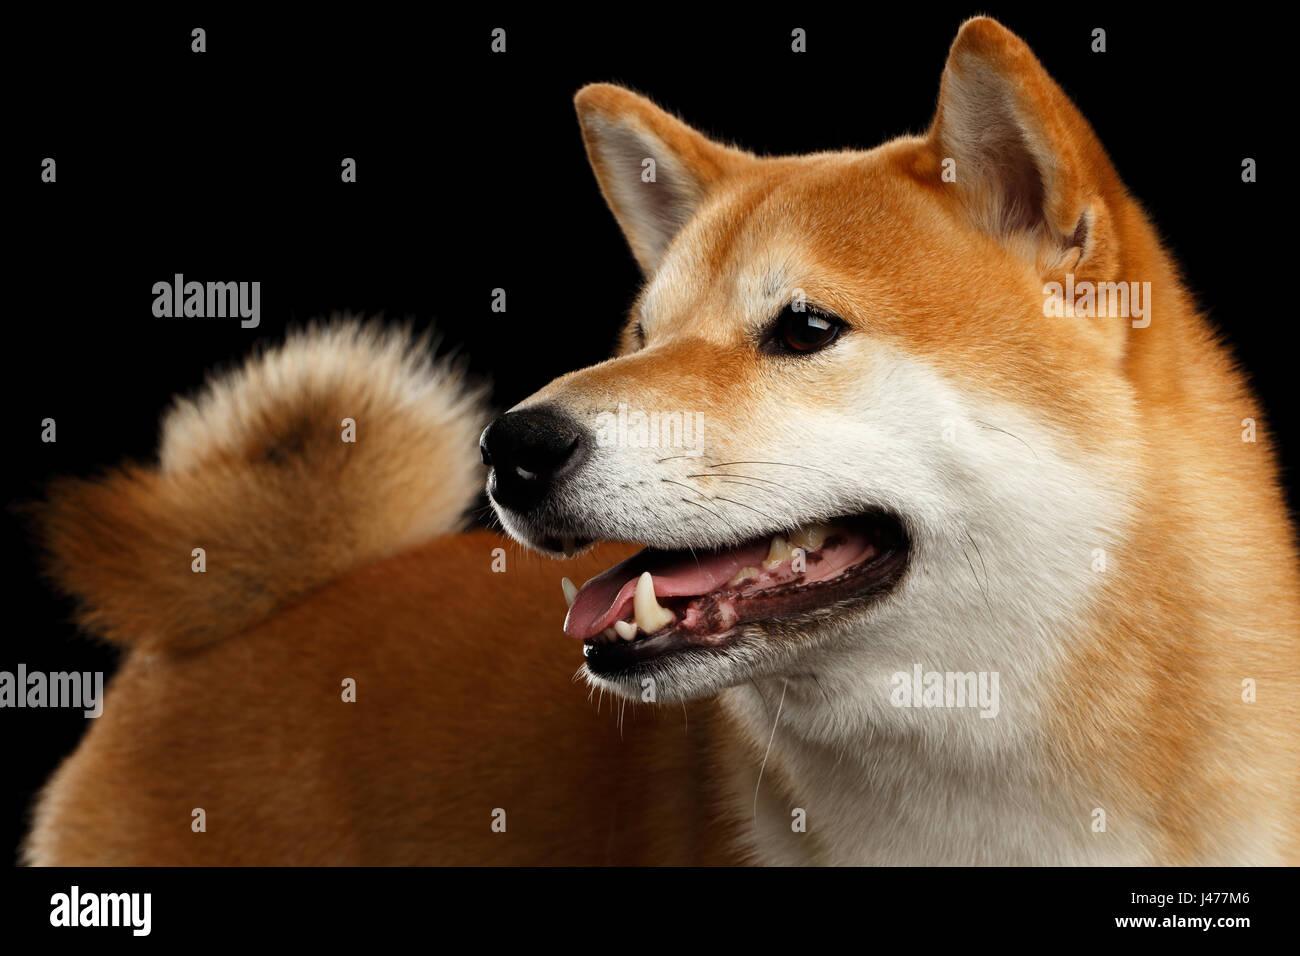 Close Up Pedigreed Shiba Inu Dog Smiling On Isolated Black Background Stock Photo Alamy